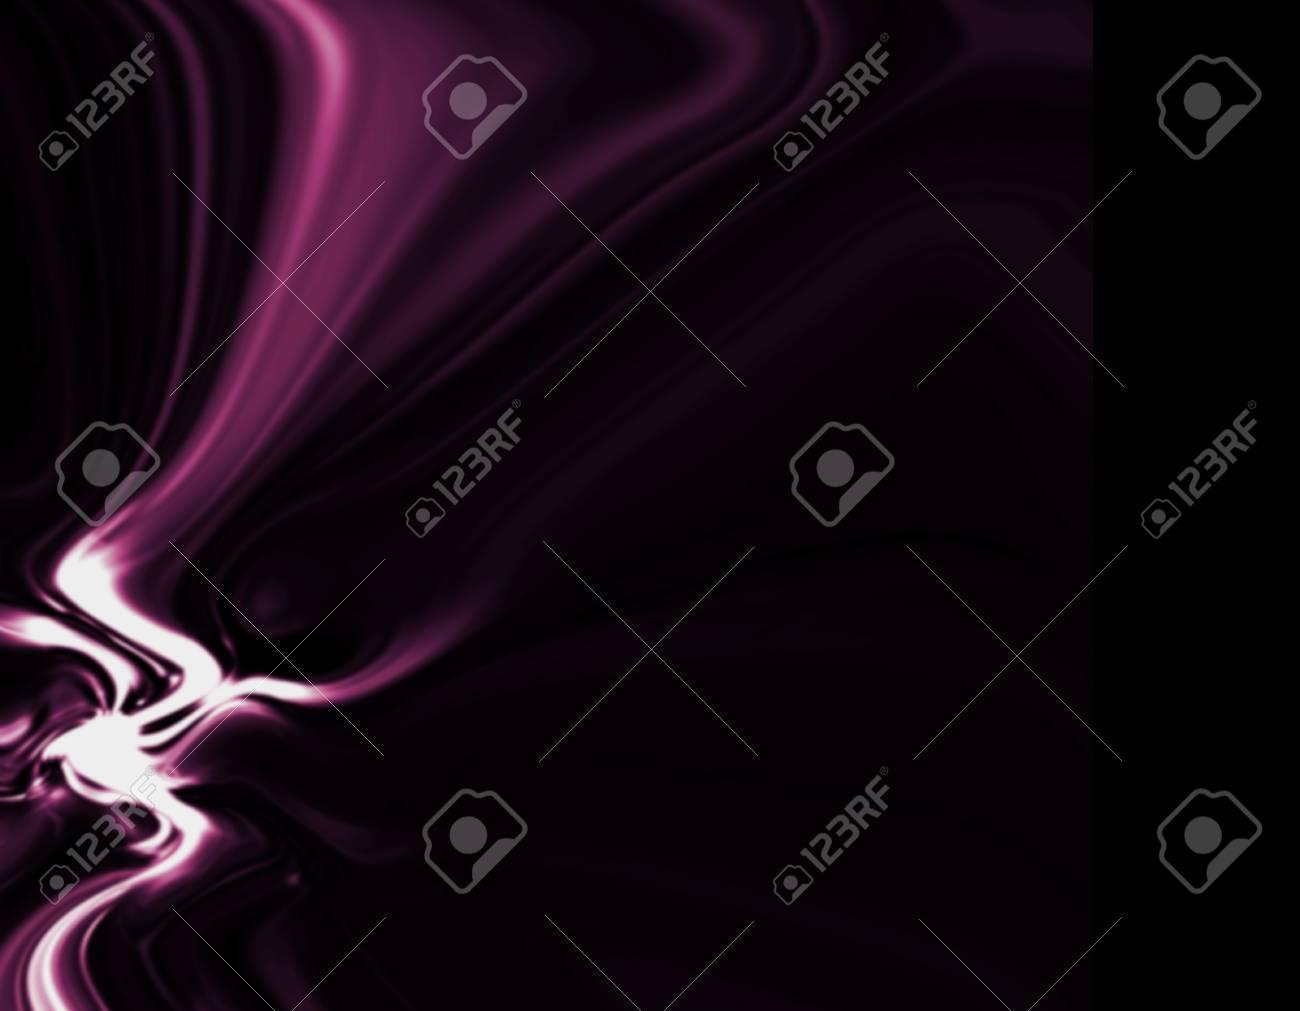 抽象的なコンピュータ グラフィックの背景アート壁紙 2d 3d の写真素材 画像素材 Image